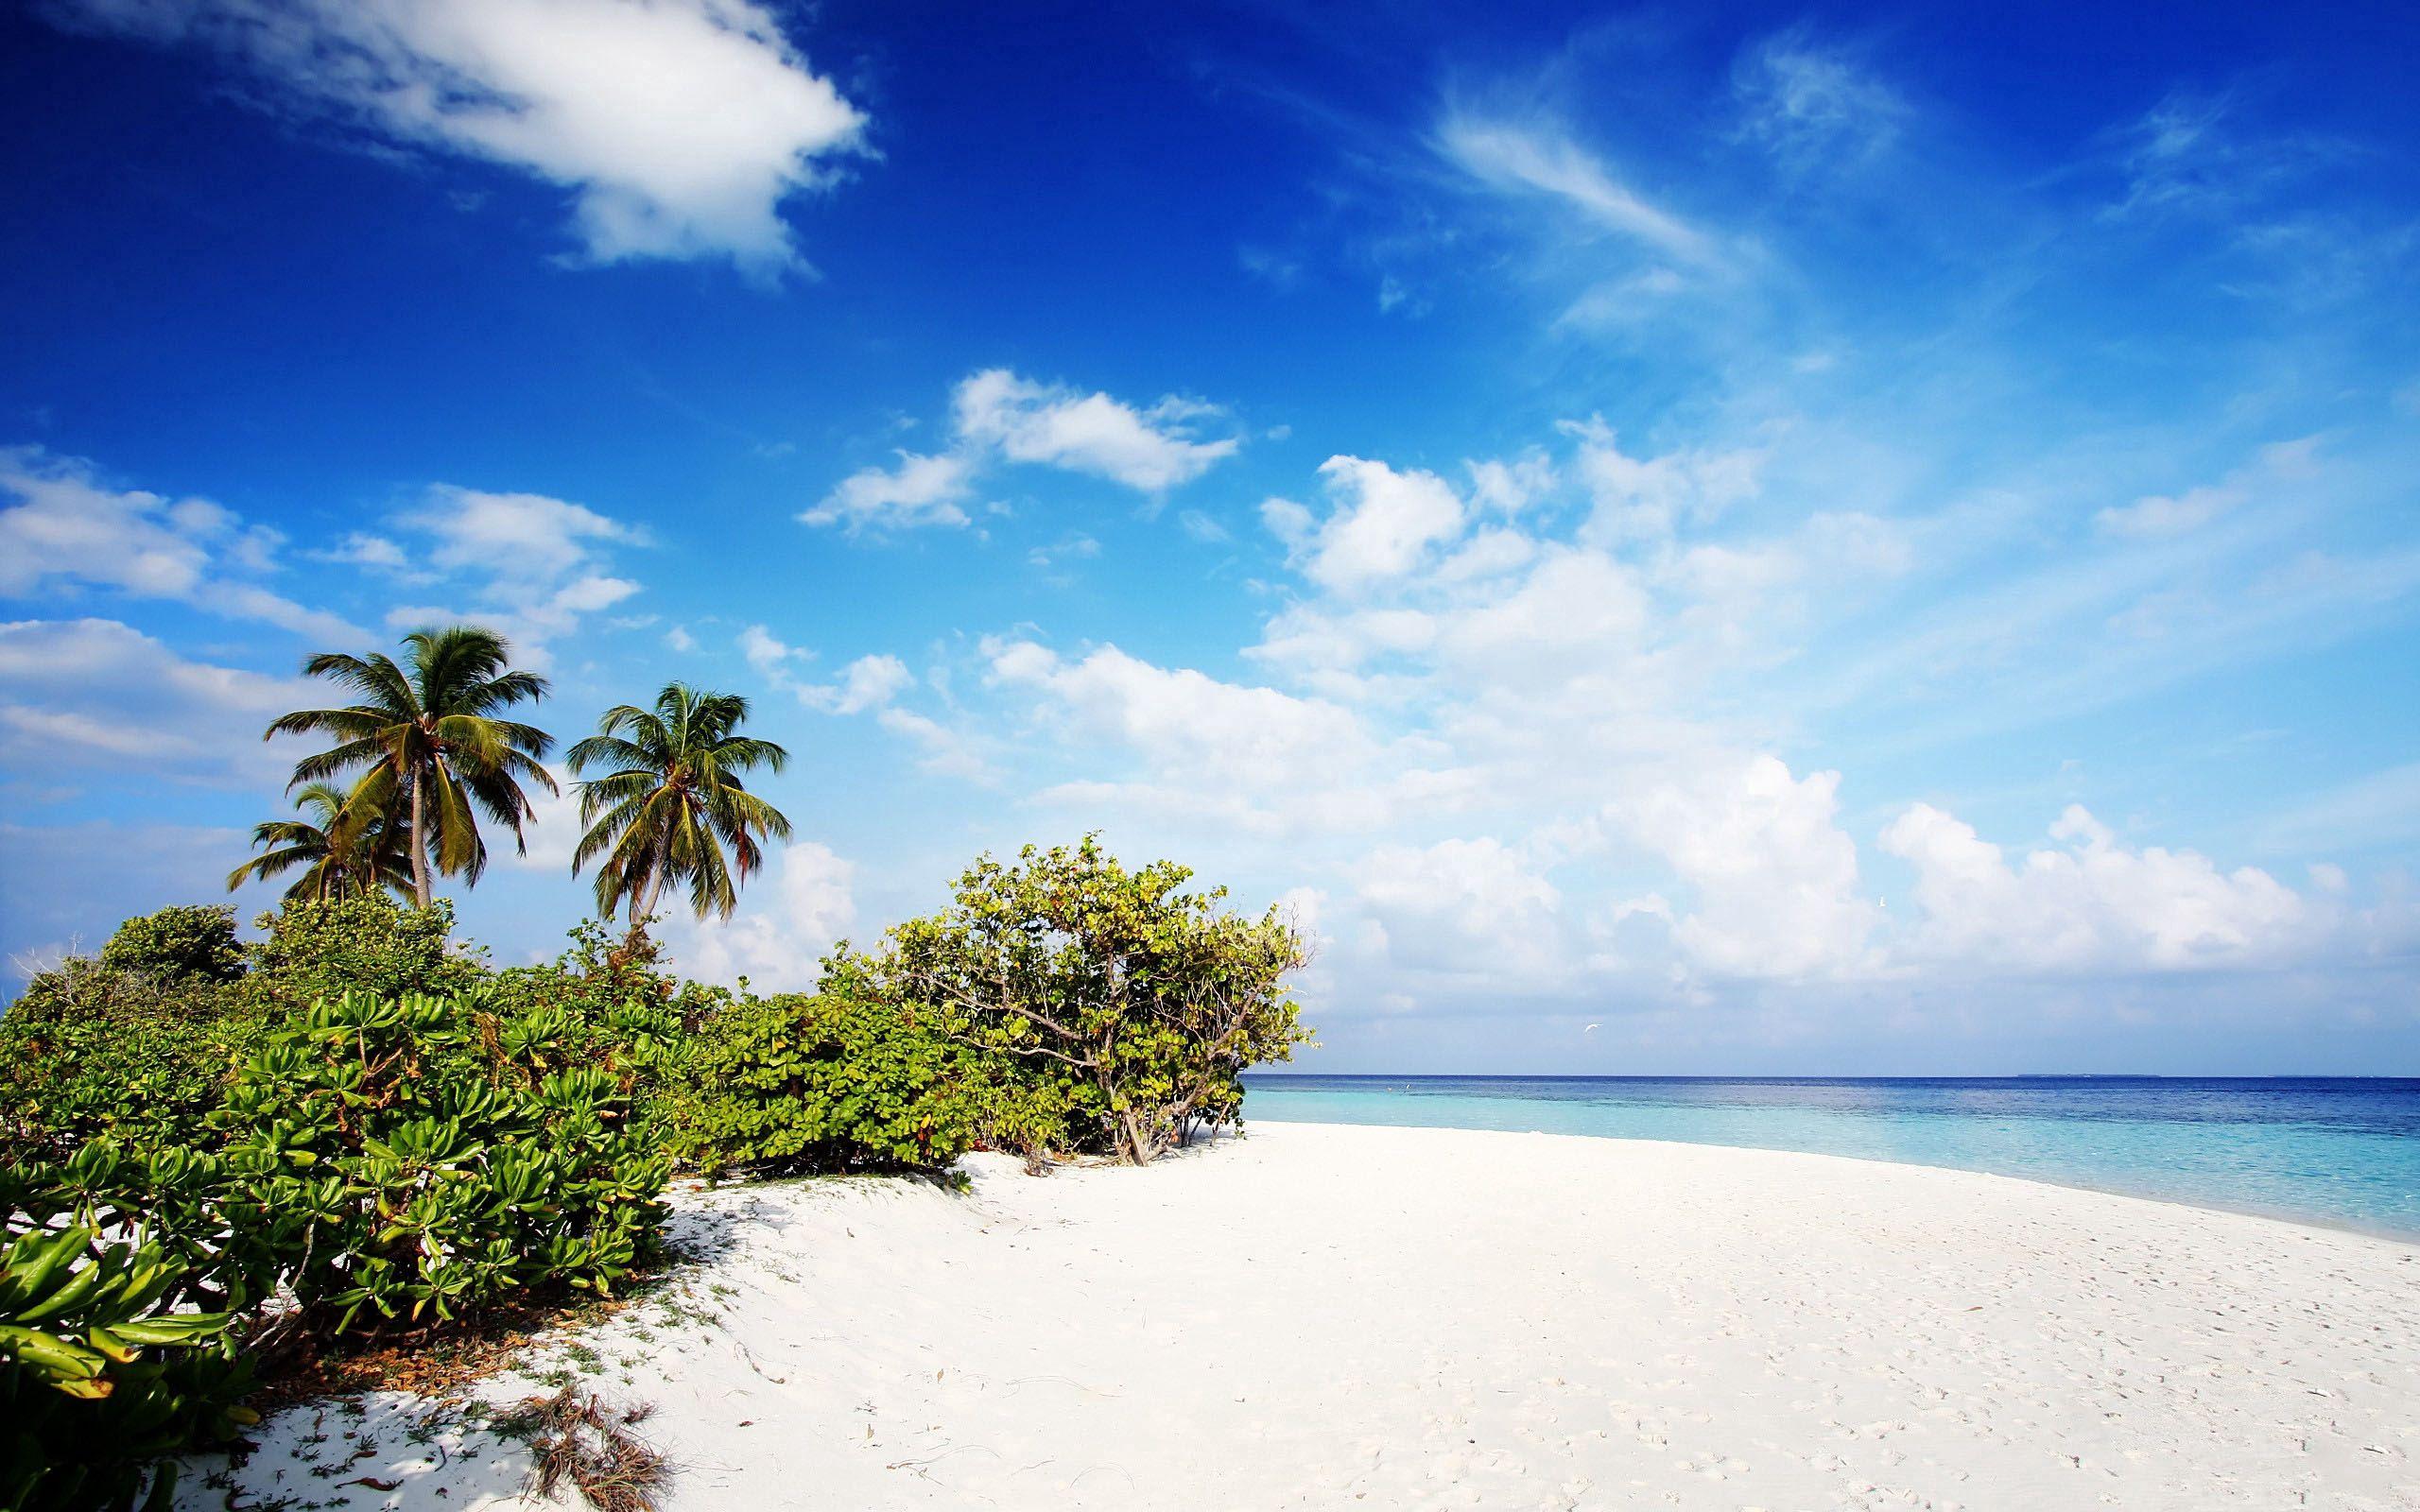 66507 Заставки и Обои Песок на телефон. Скачать Пальмы, Природа, Пляж, Песок, Мальдивы картинки бесплатно